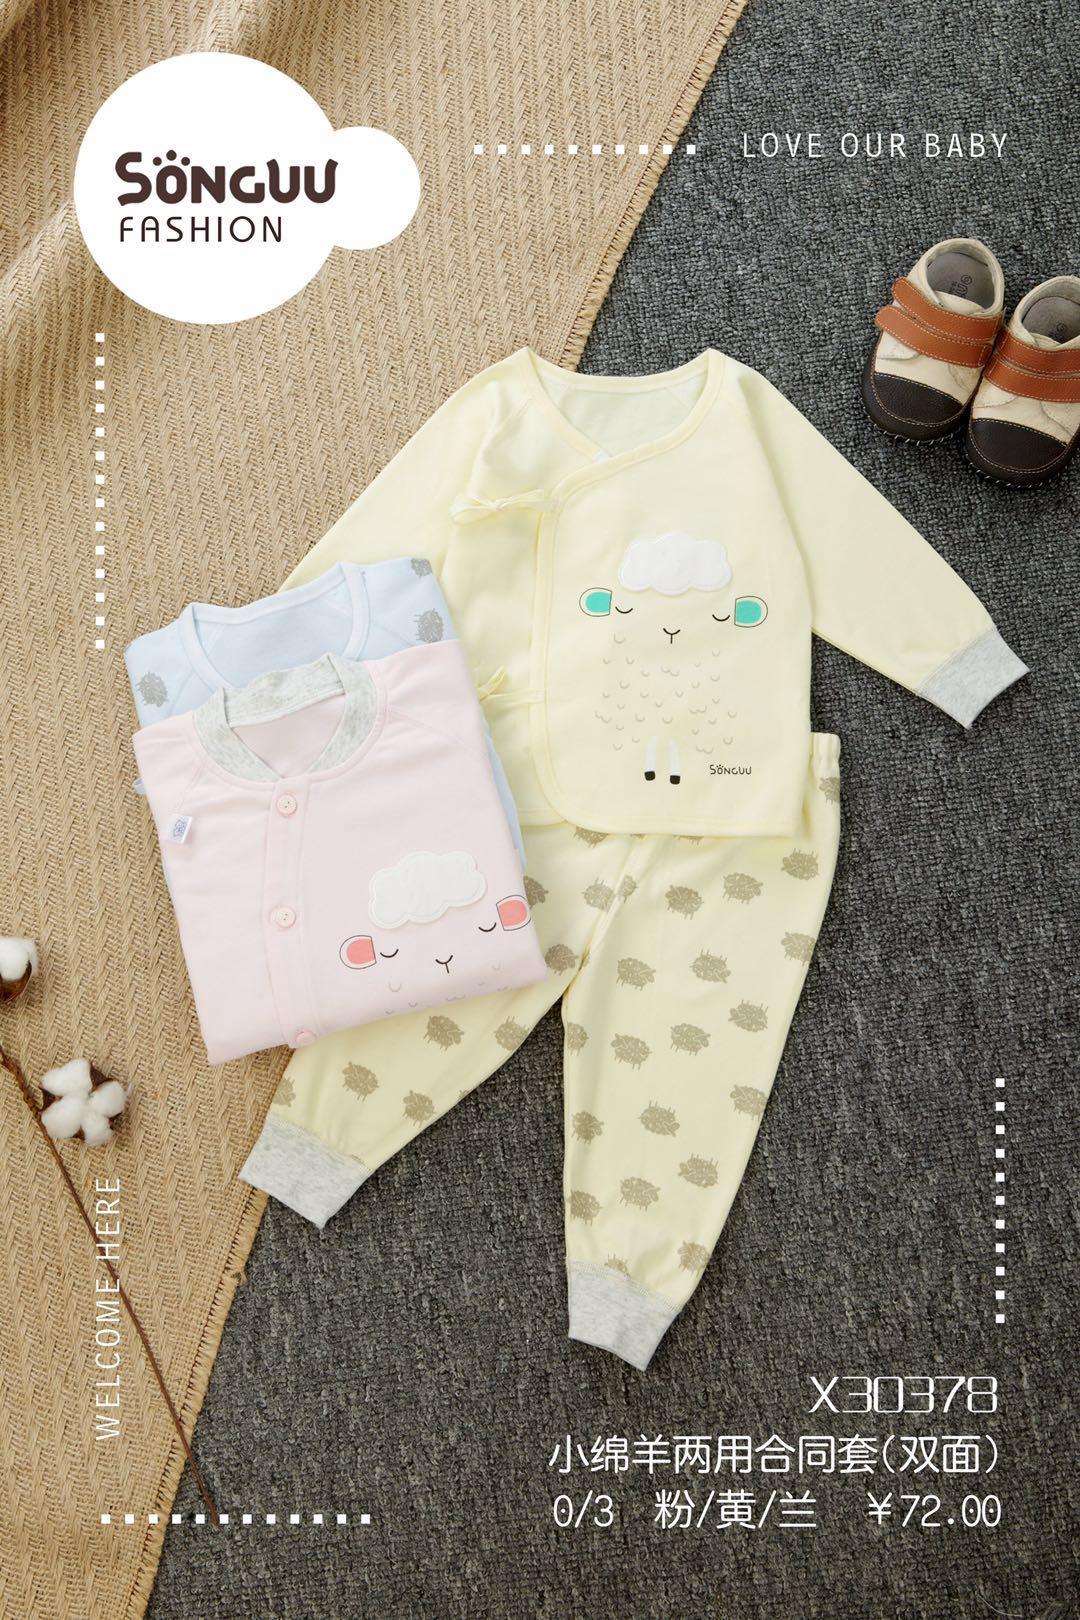 小熊溜溜秋冬新生嬰兒純棉內衣合同套寶寶系帶秋衣綁帶和尚服